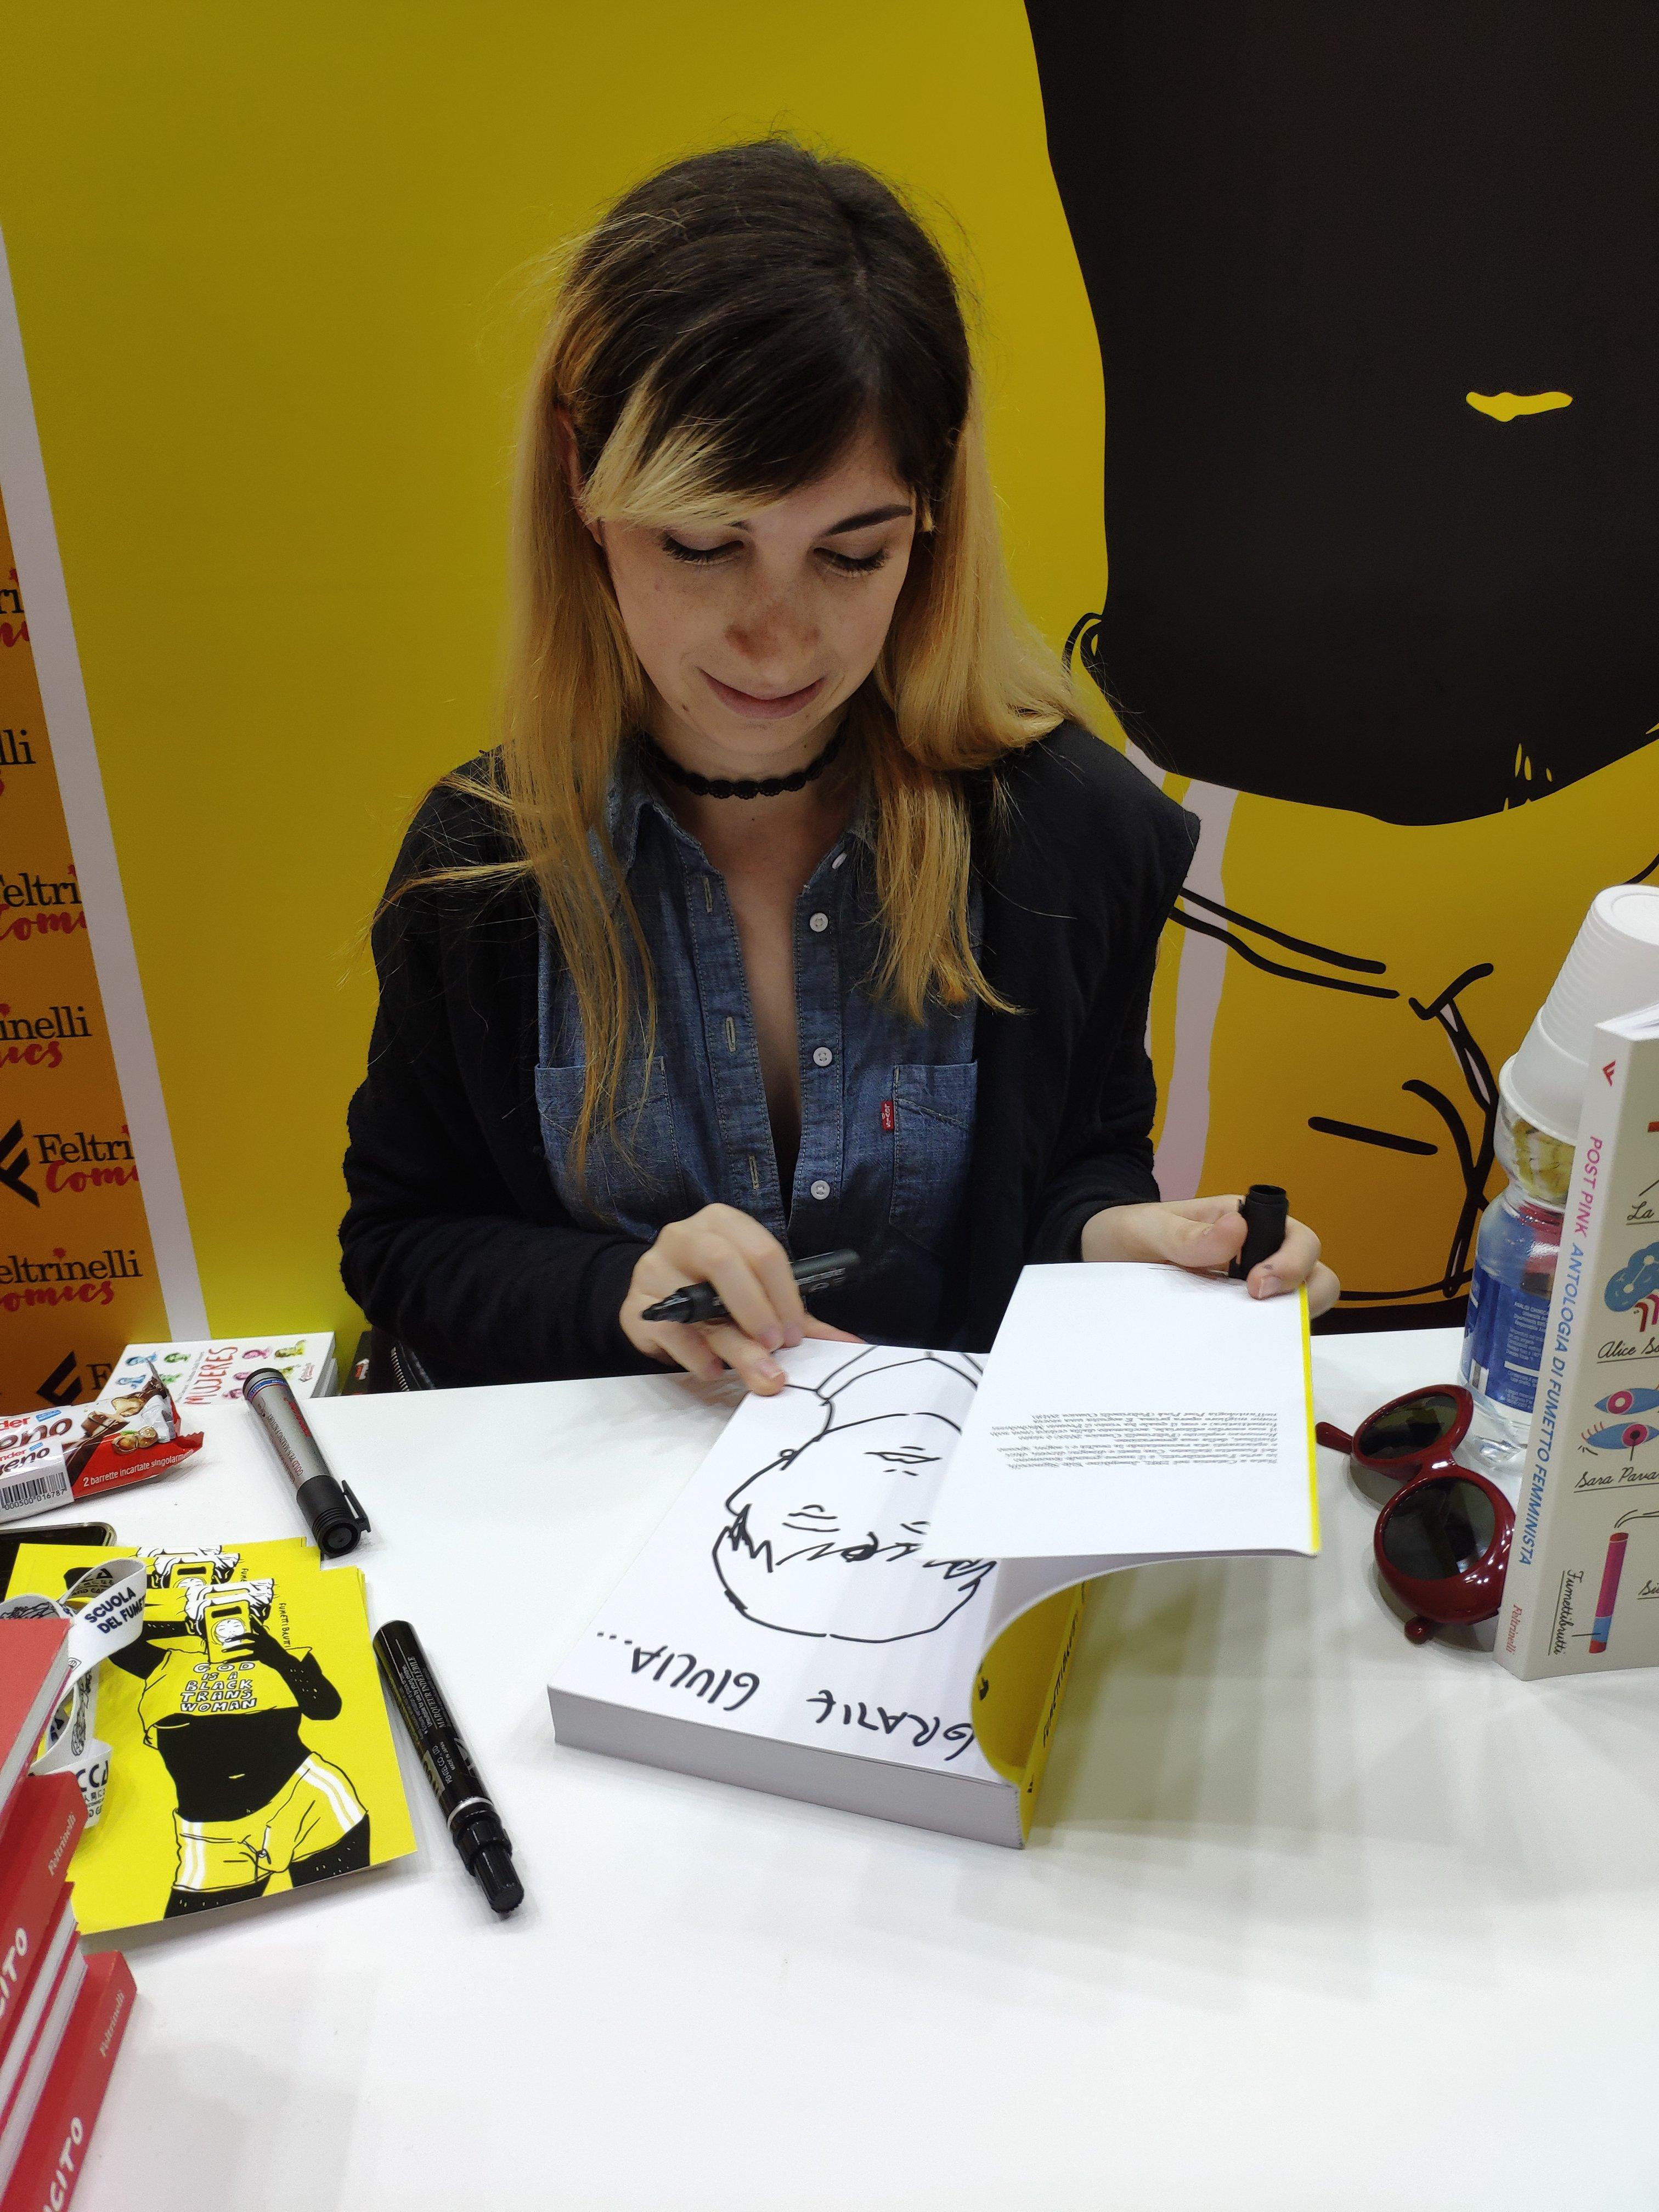 Mio Caro Fumetto - Lucca Comics & Rain 2019 - Josephine Yole Signorelli mentre disegna la dedica sulla mia copia di P., la mia adolescenza trans.